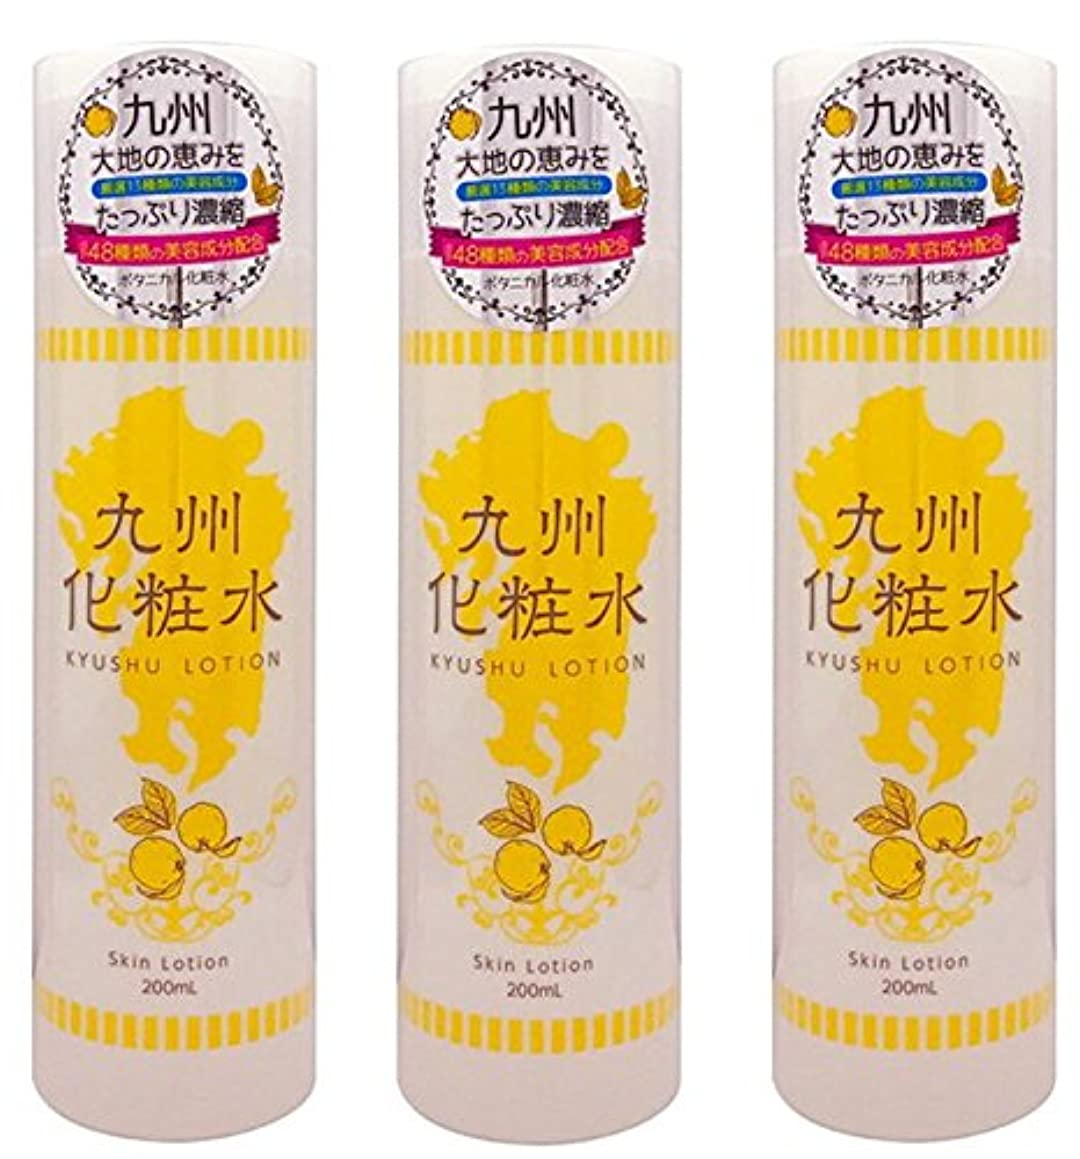 邪悪な平和的金銭的な九州化粧水 200ml (ボタニカル化粧水) X 3本セット